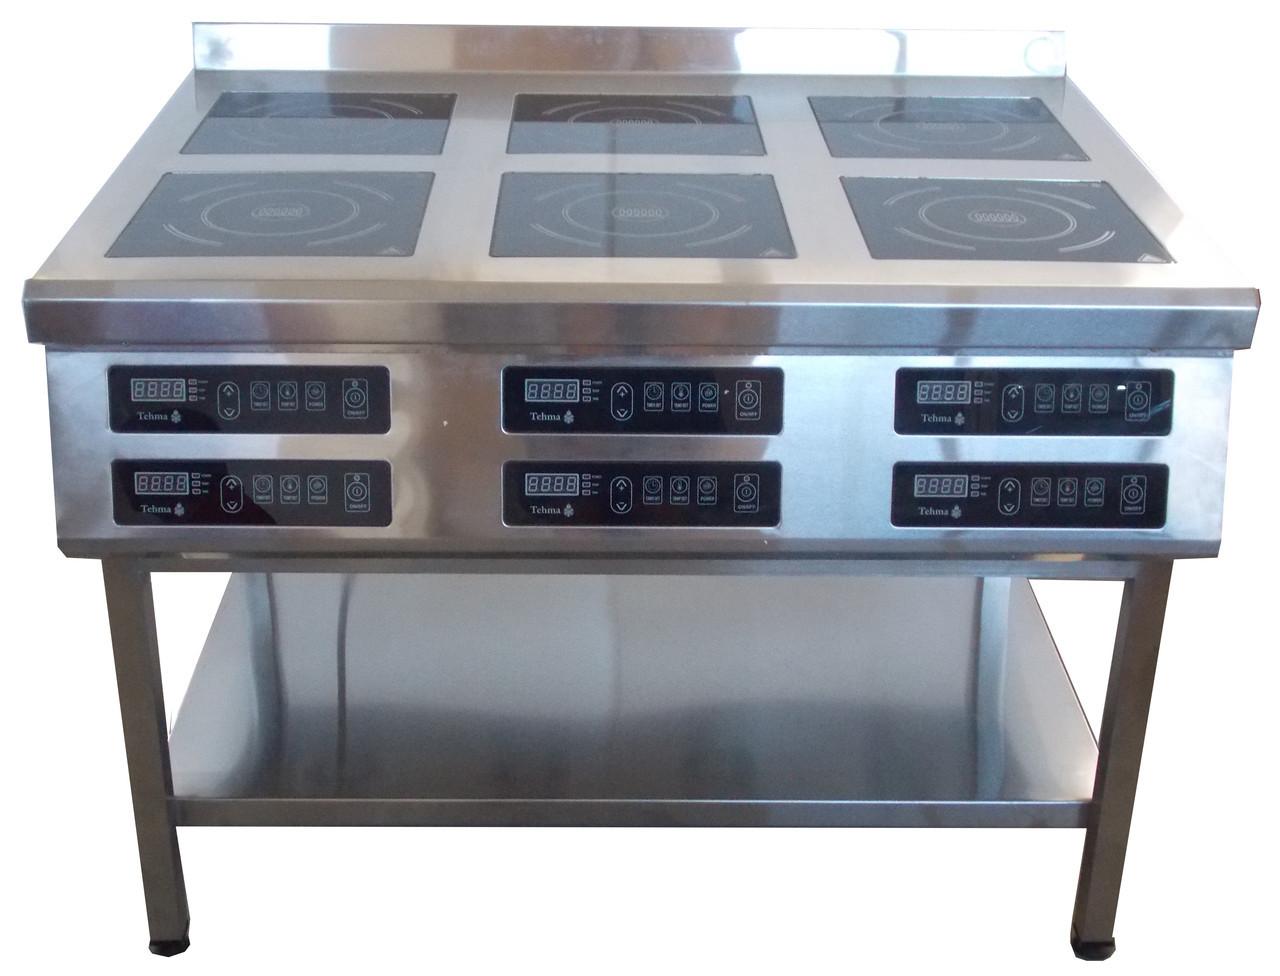 Індукційна плита 6-ти конфорочна Tehma 2,8 кВт